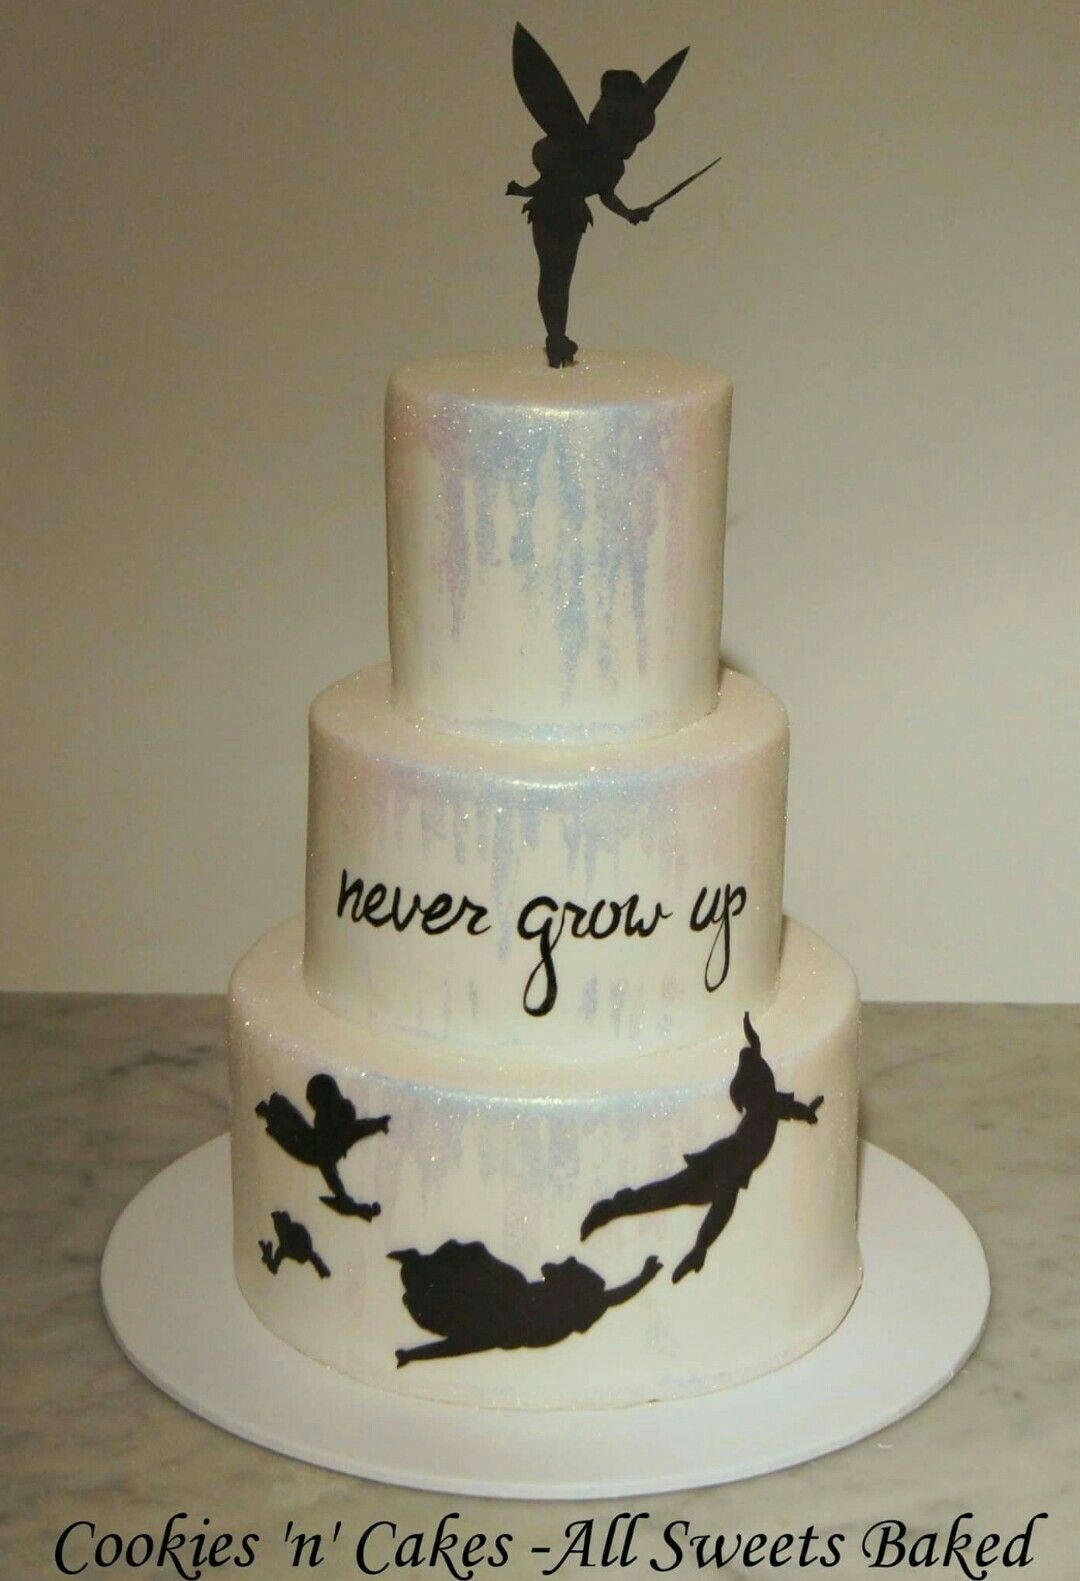 Peter Pan Cake Tinkerbell Cake Never Grow Up 2 Star To